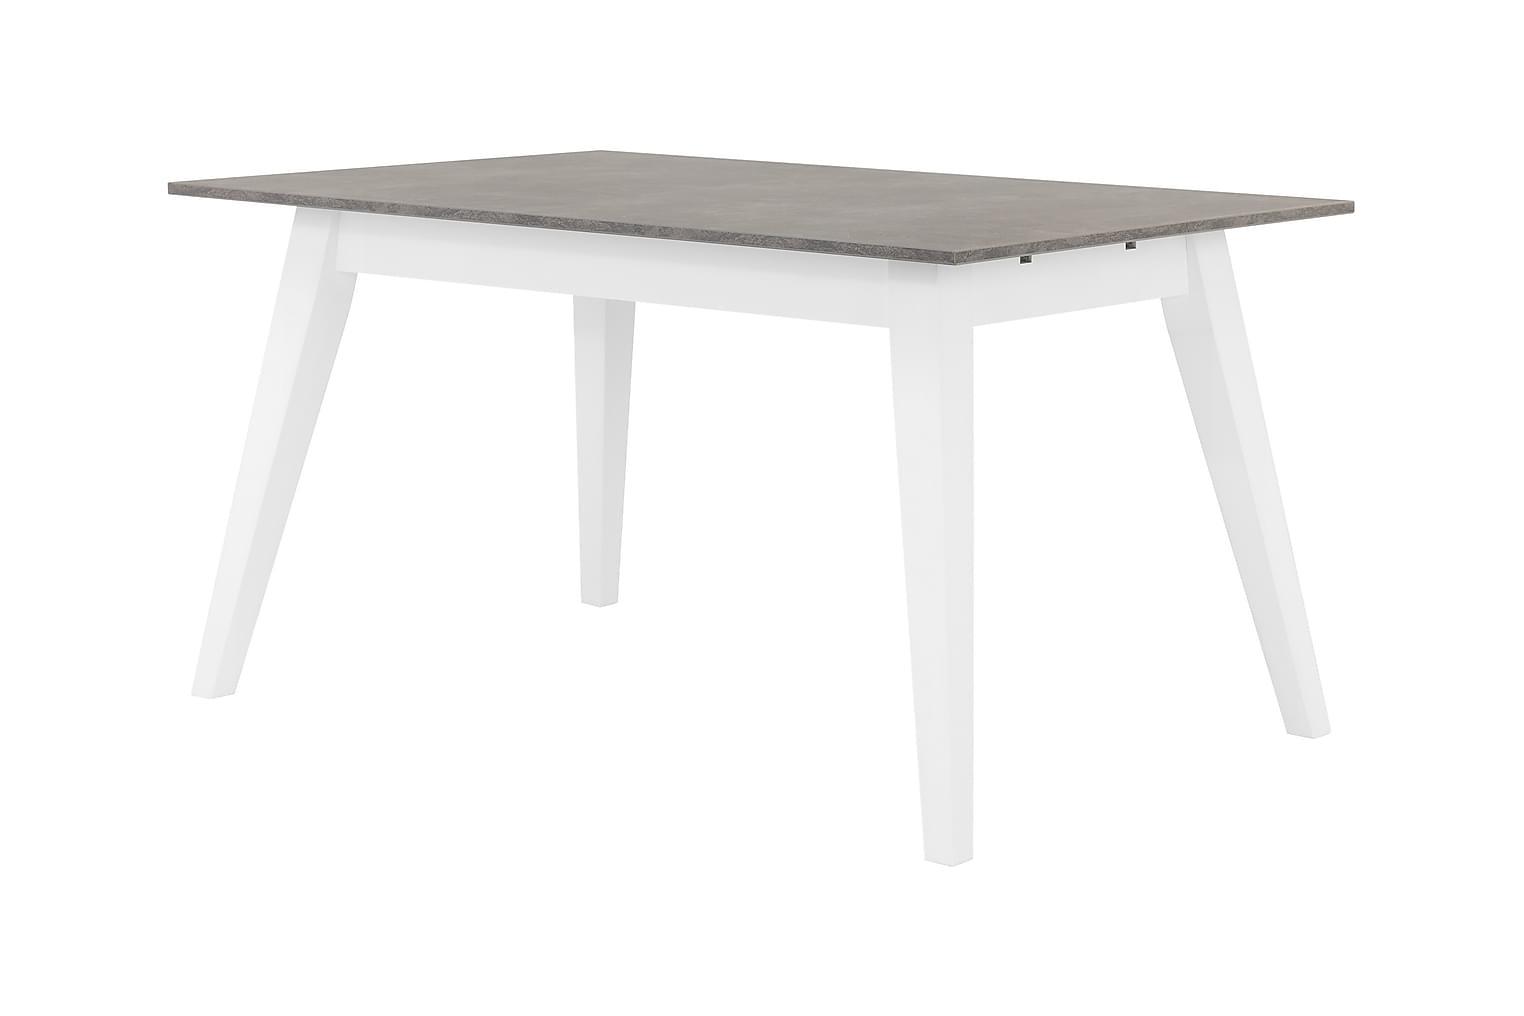 GRIMSTAD Pöytä 140 Betoni/Valkoinen